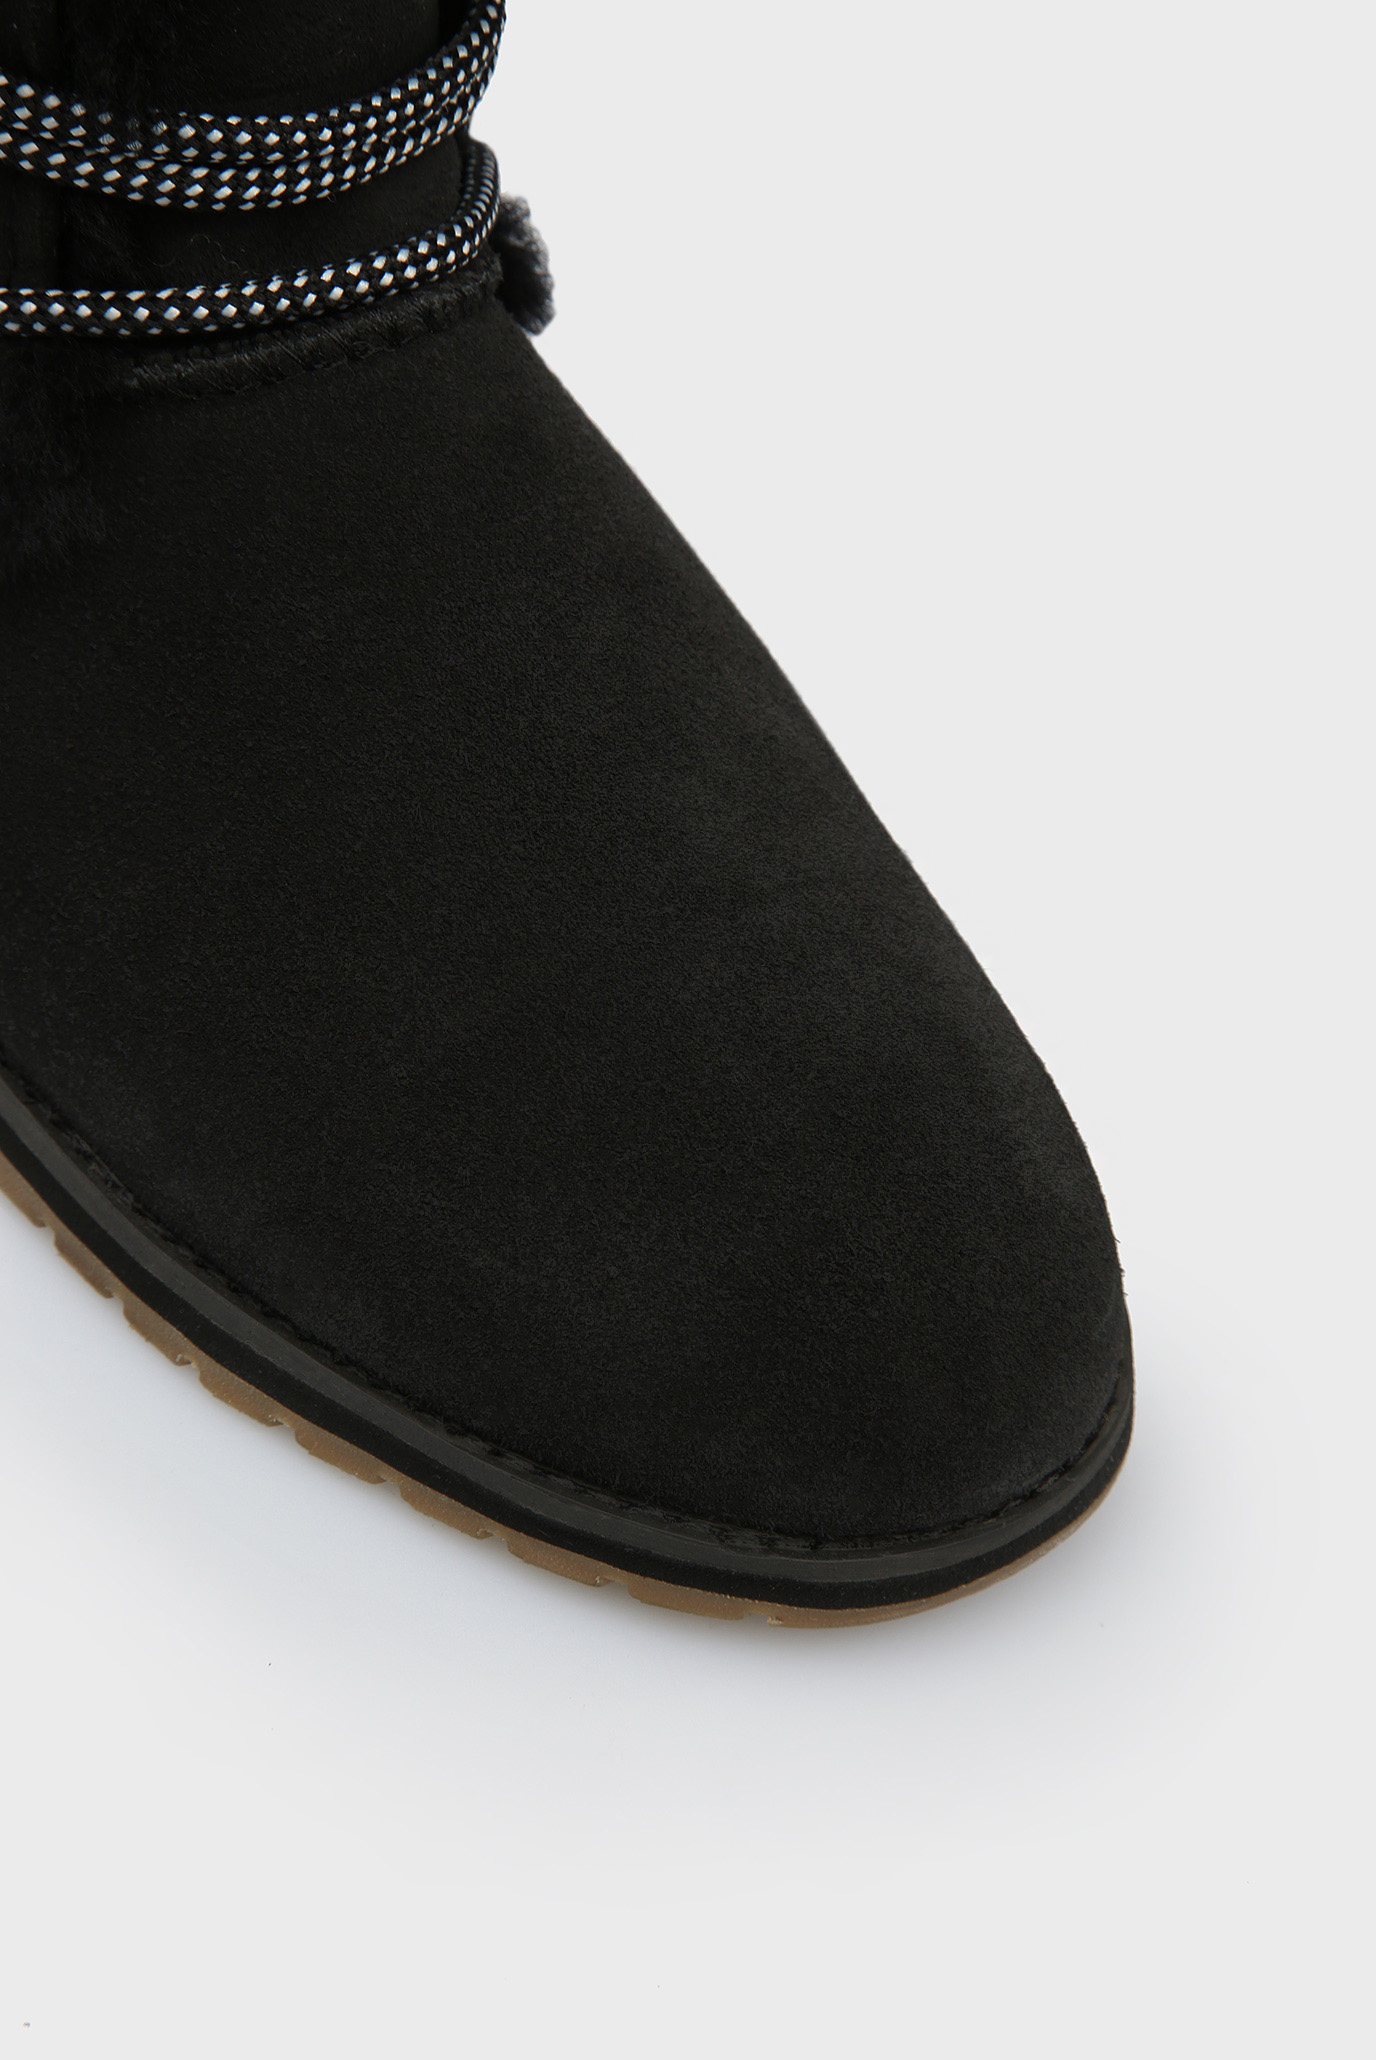 Купить Женские черные замшевые полусапоги Illawong EMU Australia  EMU Australia  W11657 – Киев, Украина. Цены в интернет магазине MD Fashion